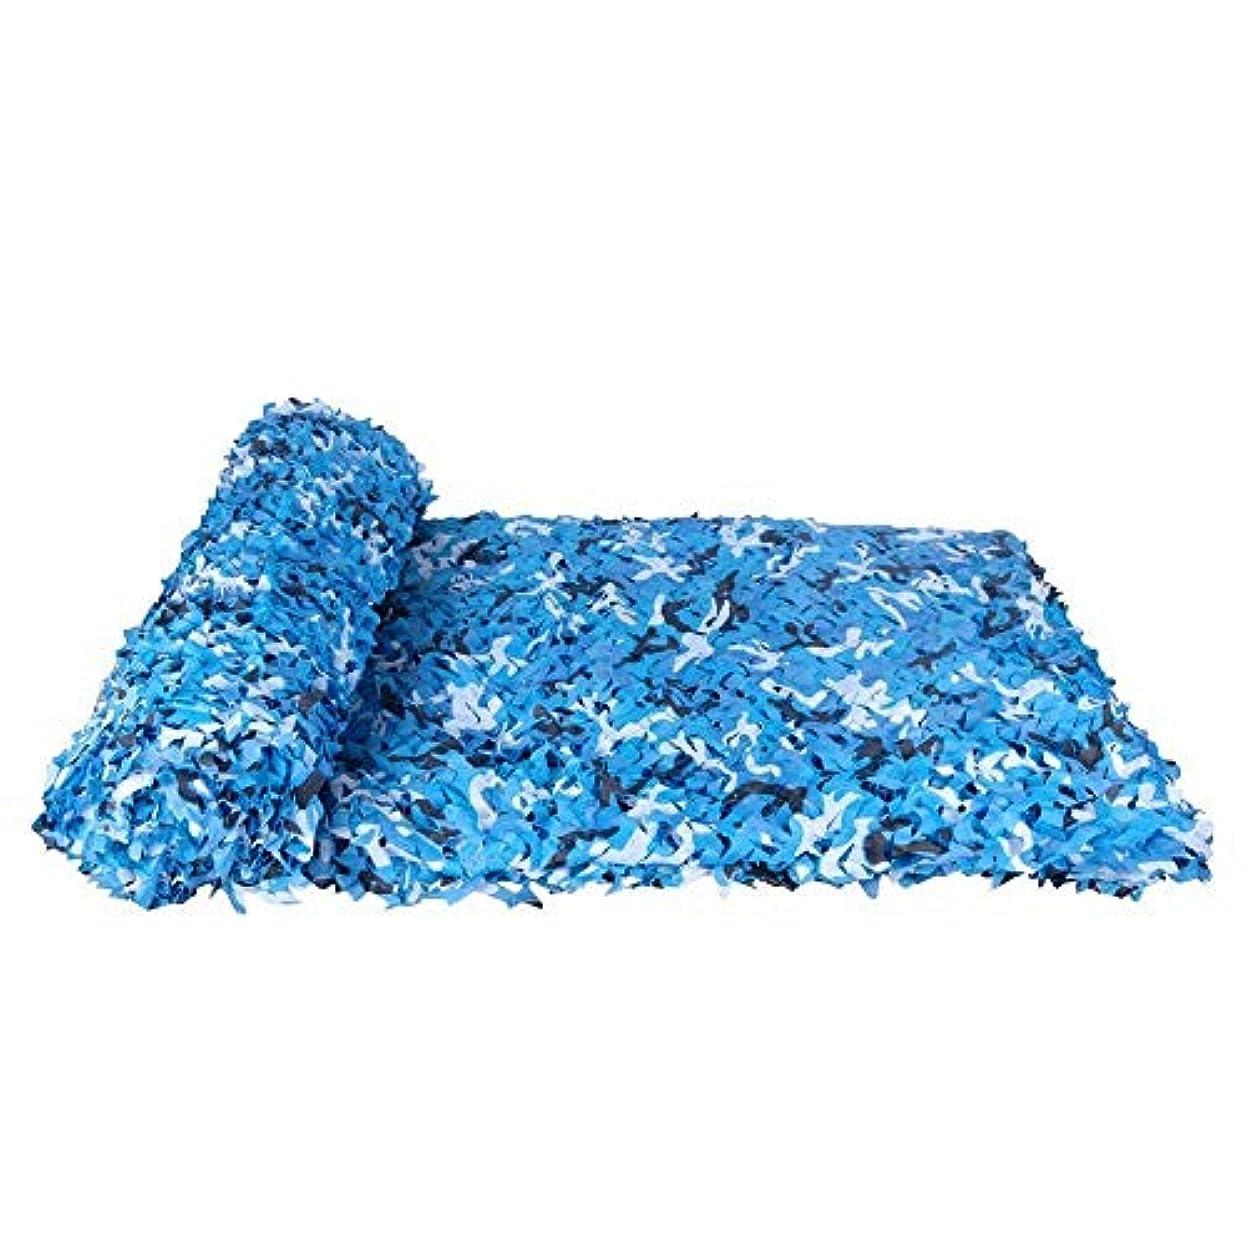 スリーブホイールくつろぐマリンモード迷彩ネット防水キャンバスサンシェード用ガーデンサンシェード装飾サイズ5 * 6メートル